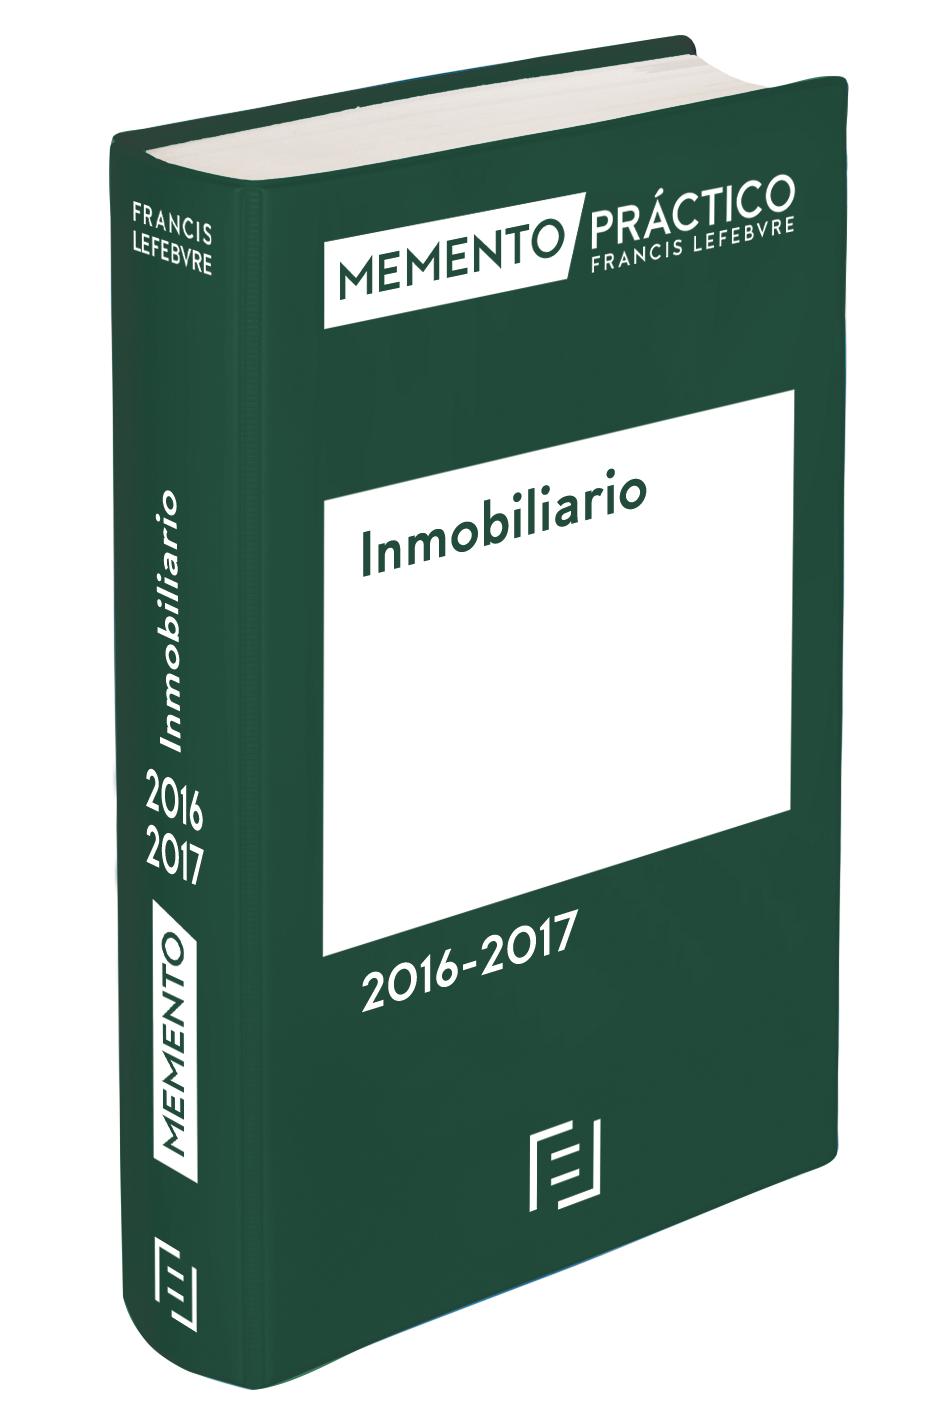 Memento práctico Francis Lefebvre. Inmobiliario 2016